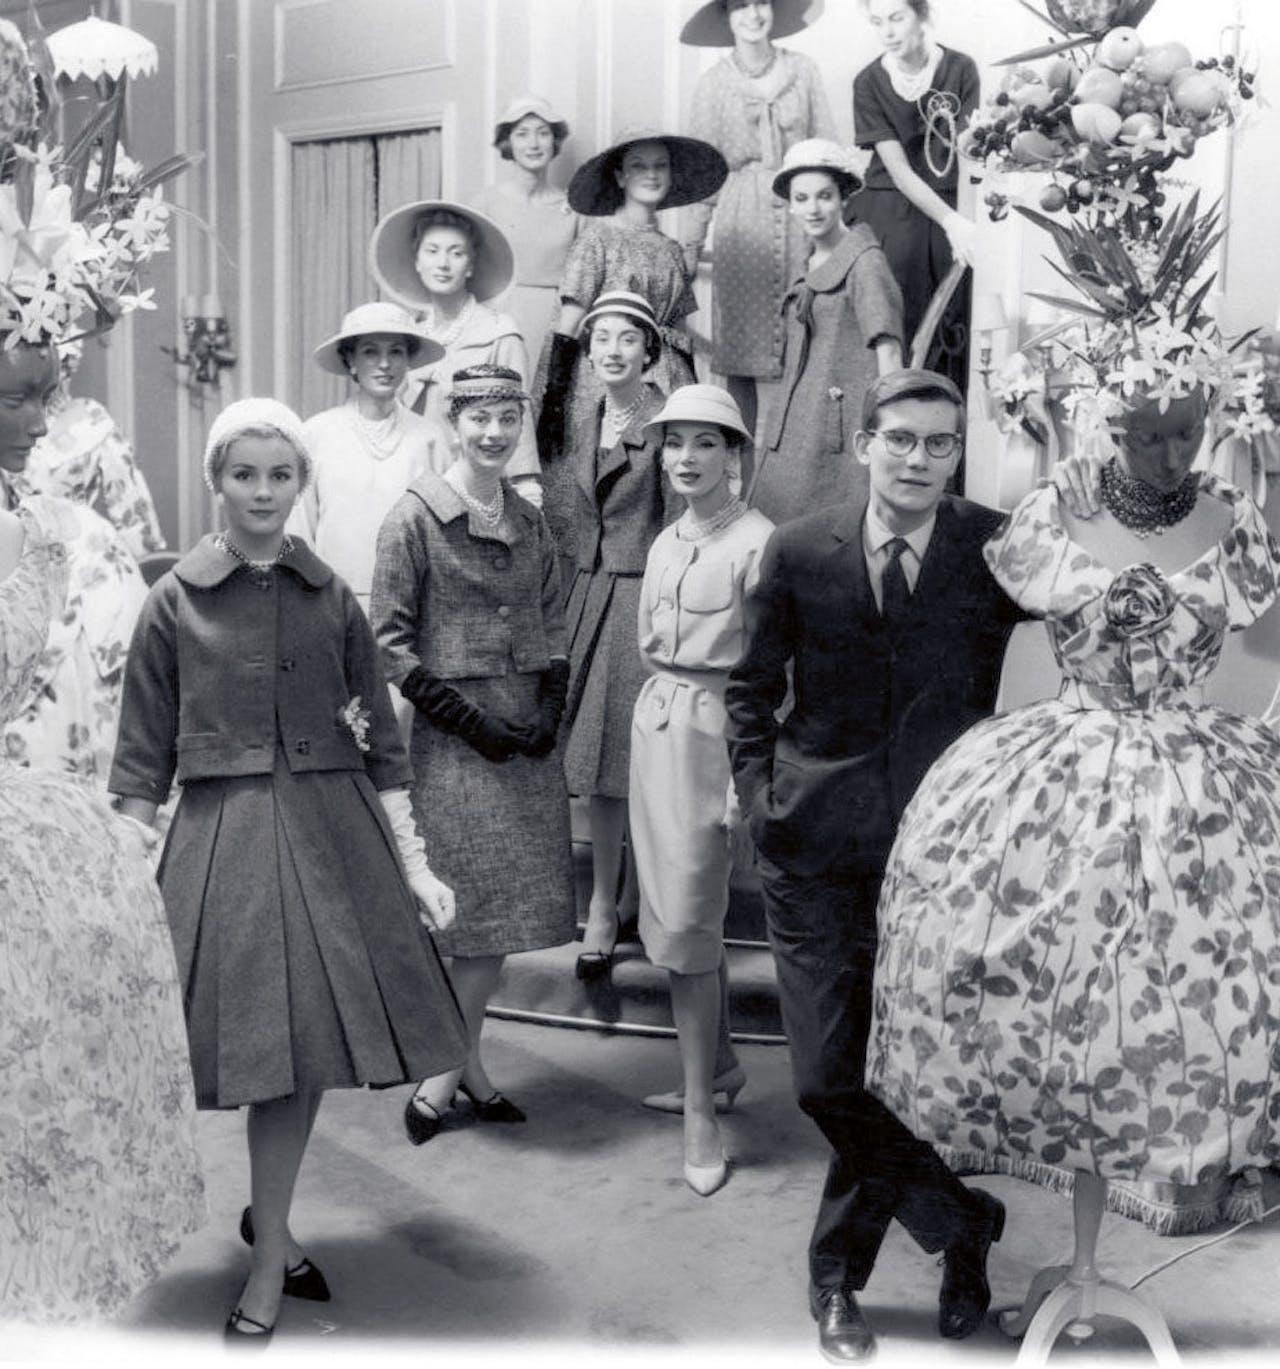 30 januari 1958. Saint Laurent met zijn modellen in de salon van Dior.